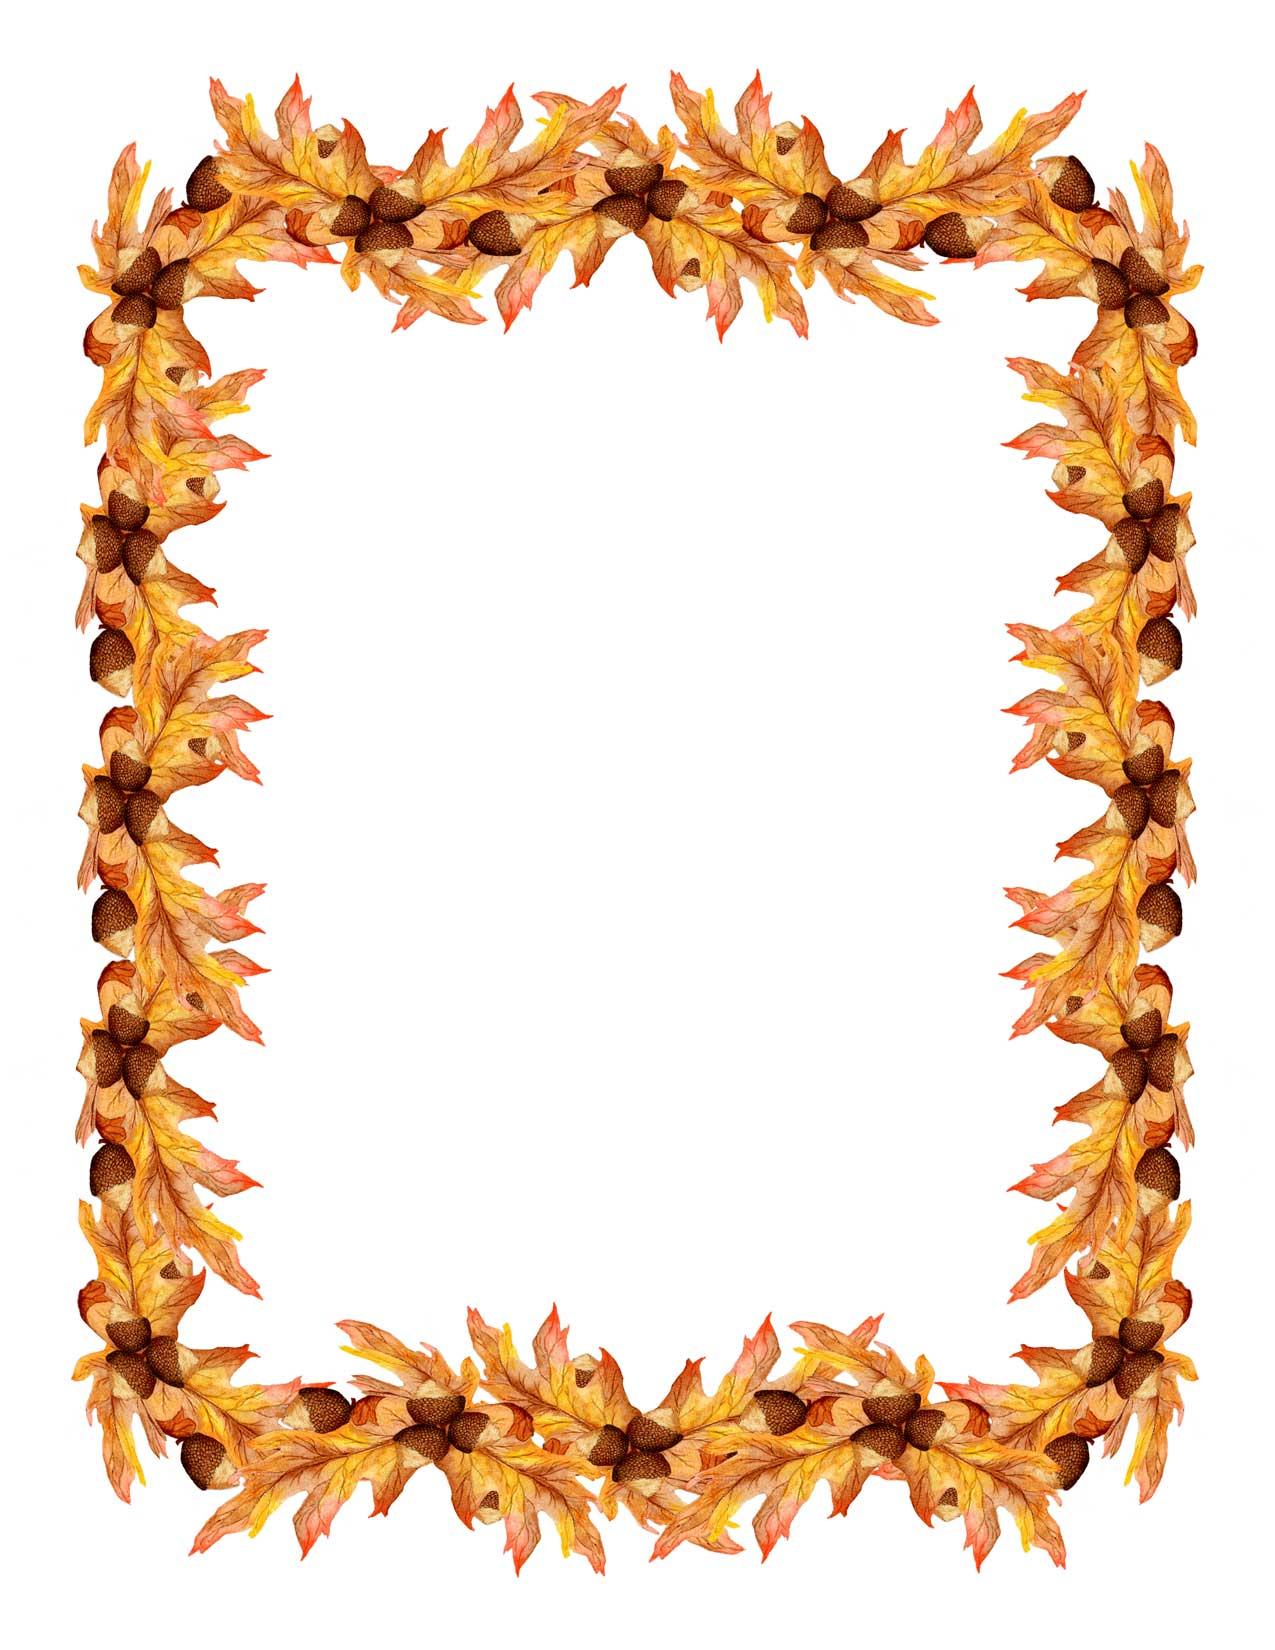 fall border clipart - Free Fall Clip Art Borders